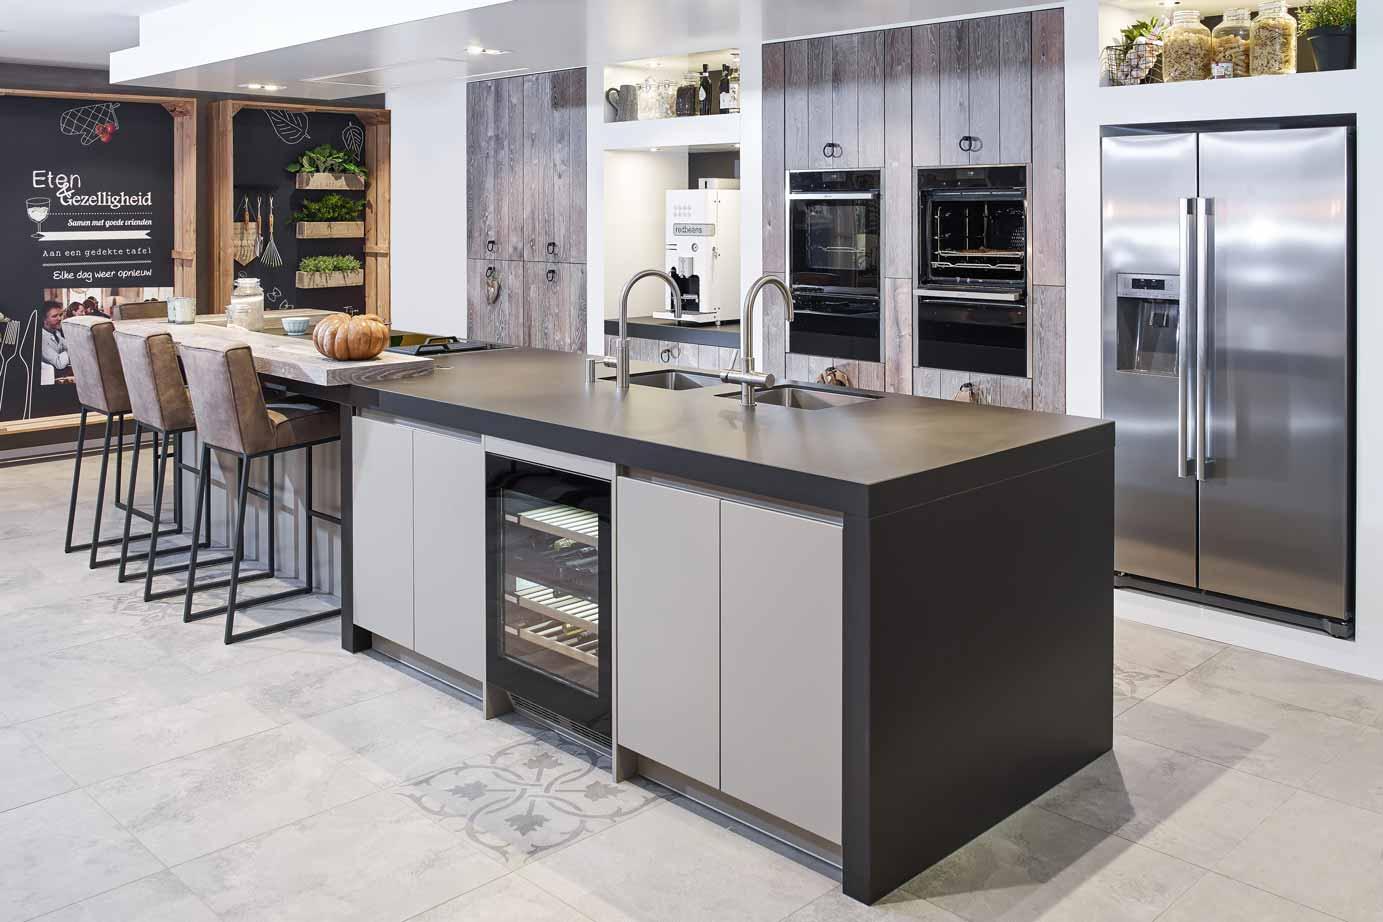 Keuken Landelijk Kookeiland : Luxe landelijk modern keukeneiland bekijk foto s en prijzen db